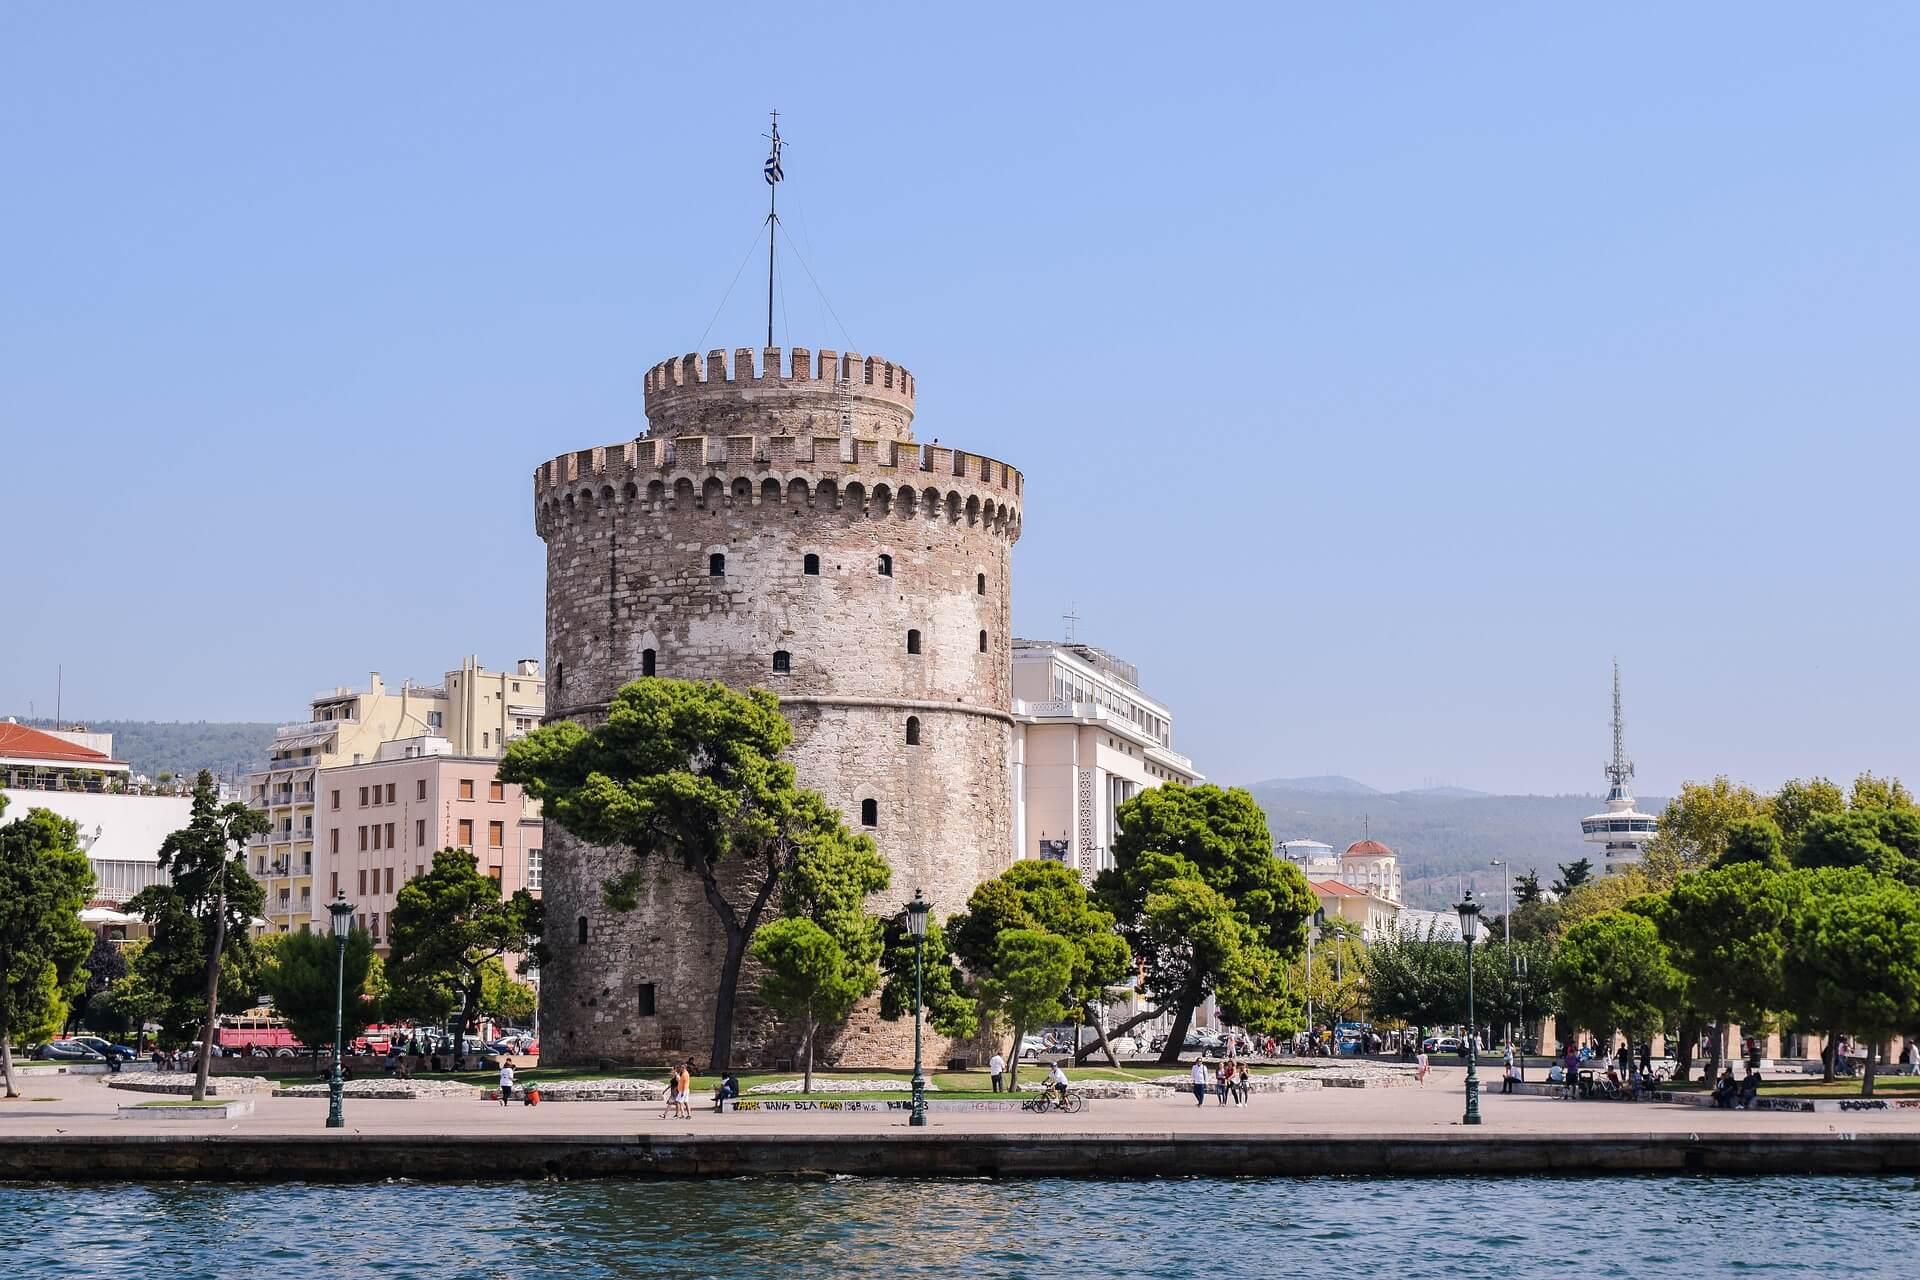 Direktflüge und Billigflüge ab Dortmund nach Thessaloniki